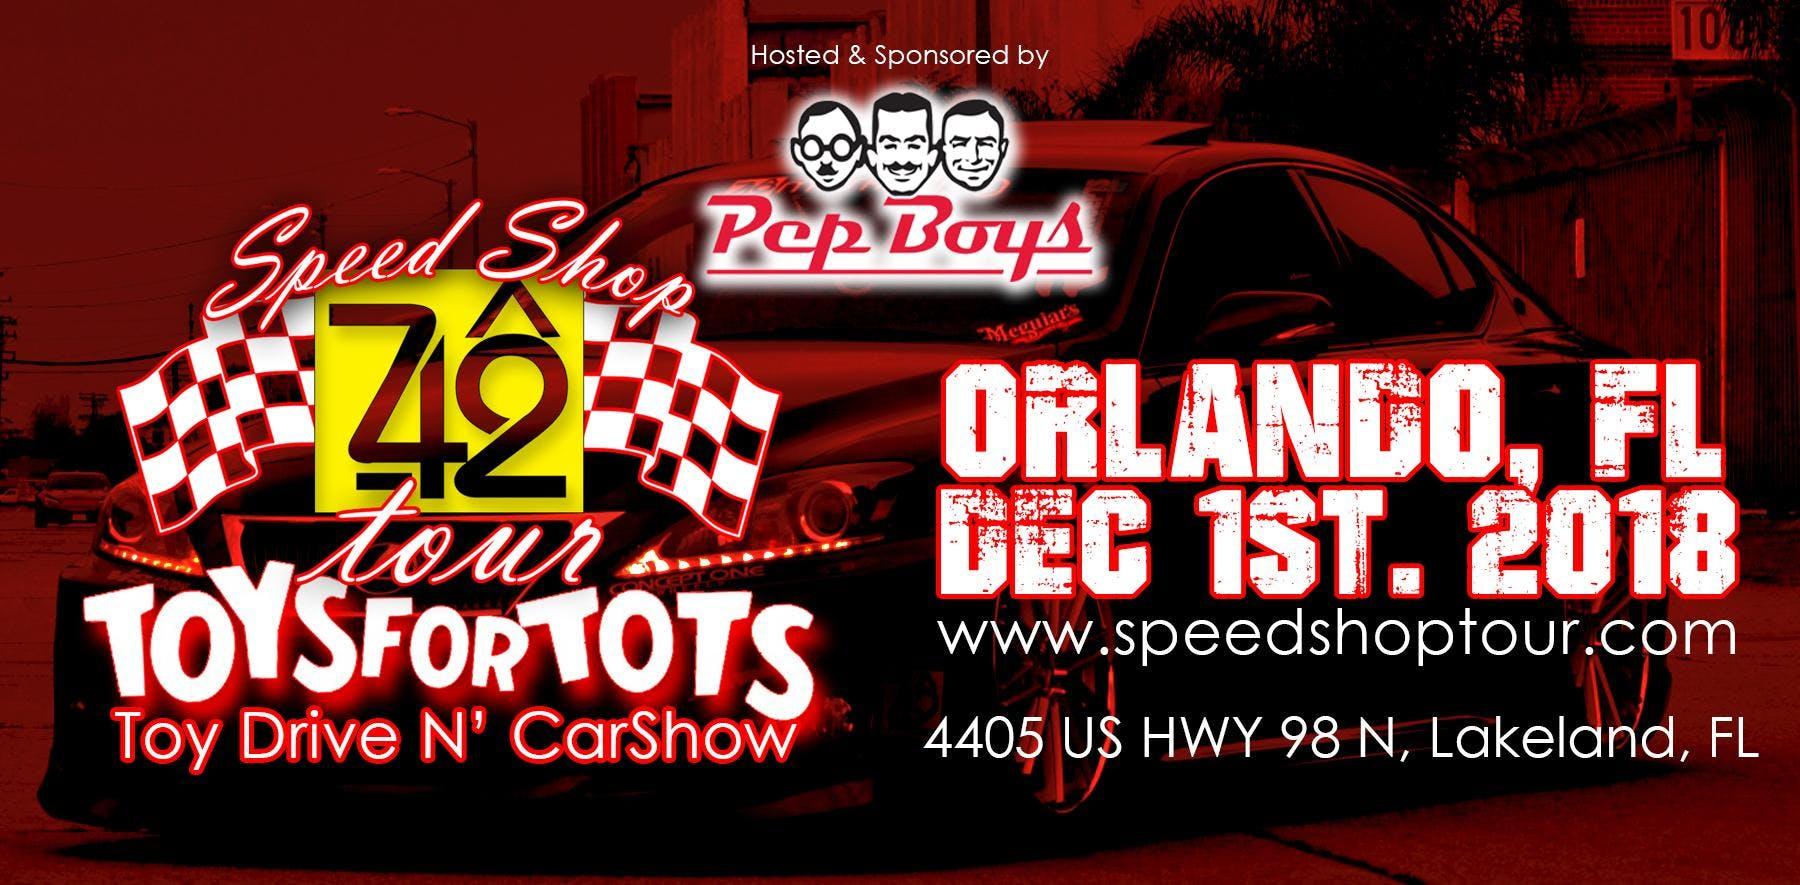 The Speed Shop Tour Car Show Toys For Tots Orlando FL DEC - Car show orlando fl